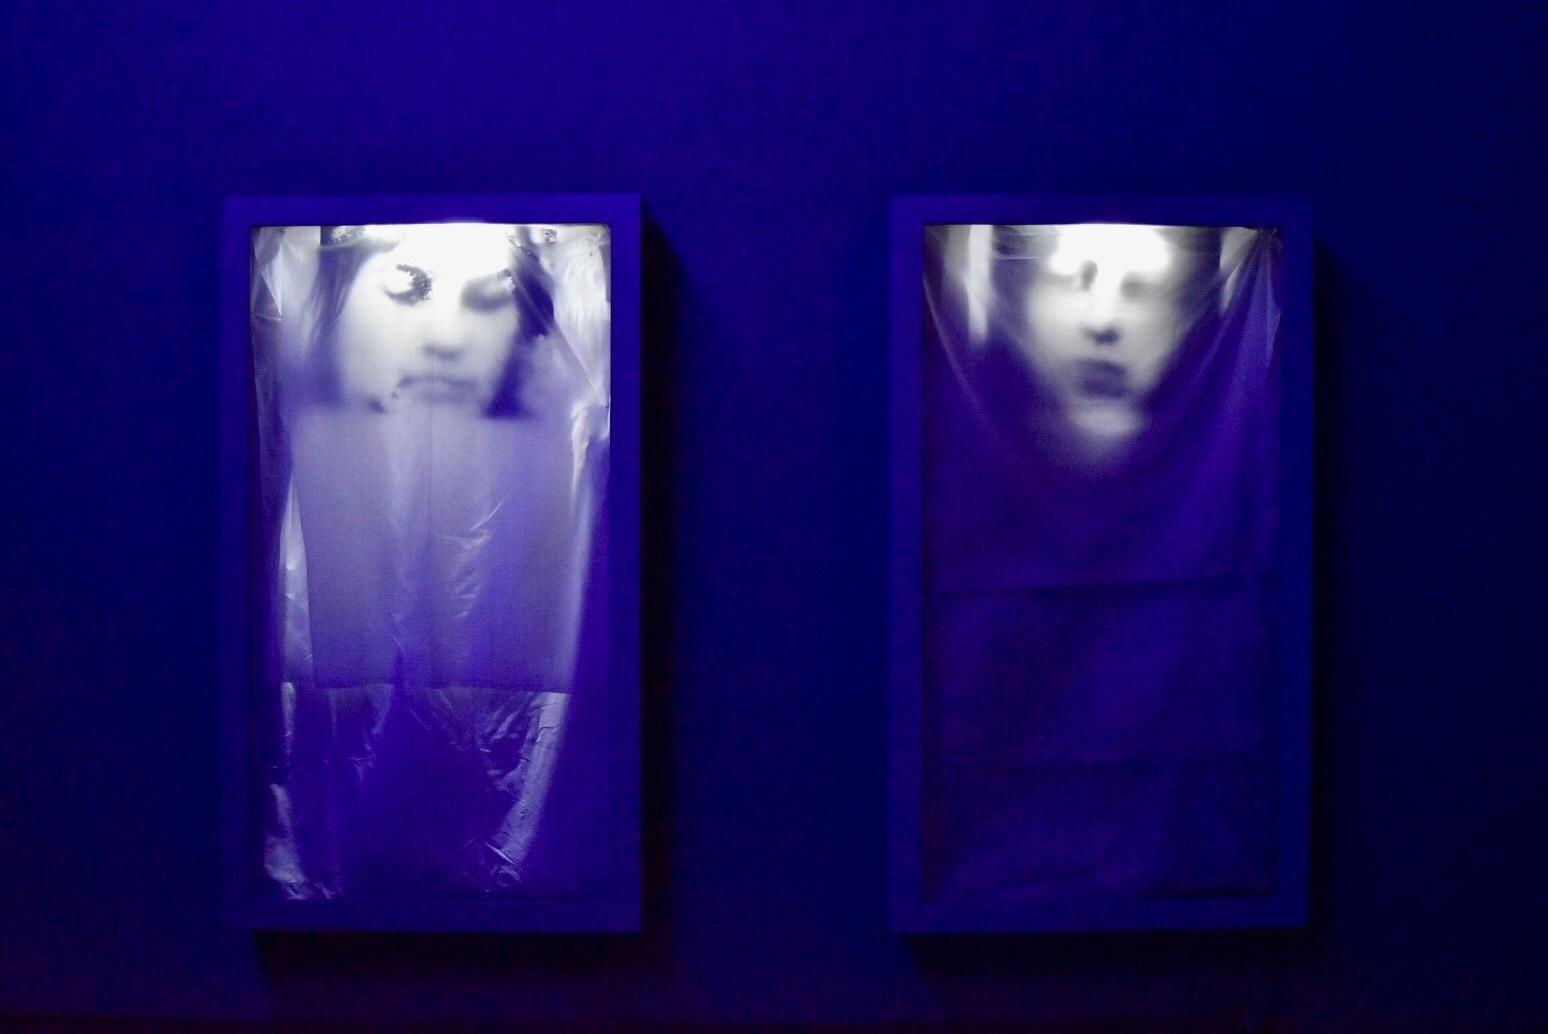 《ヴェロニカ》 1996年 「クリスチャン・ボルタンスキー −Lifetime」展 2019年 国立新美術館展示風景